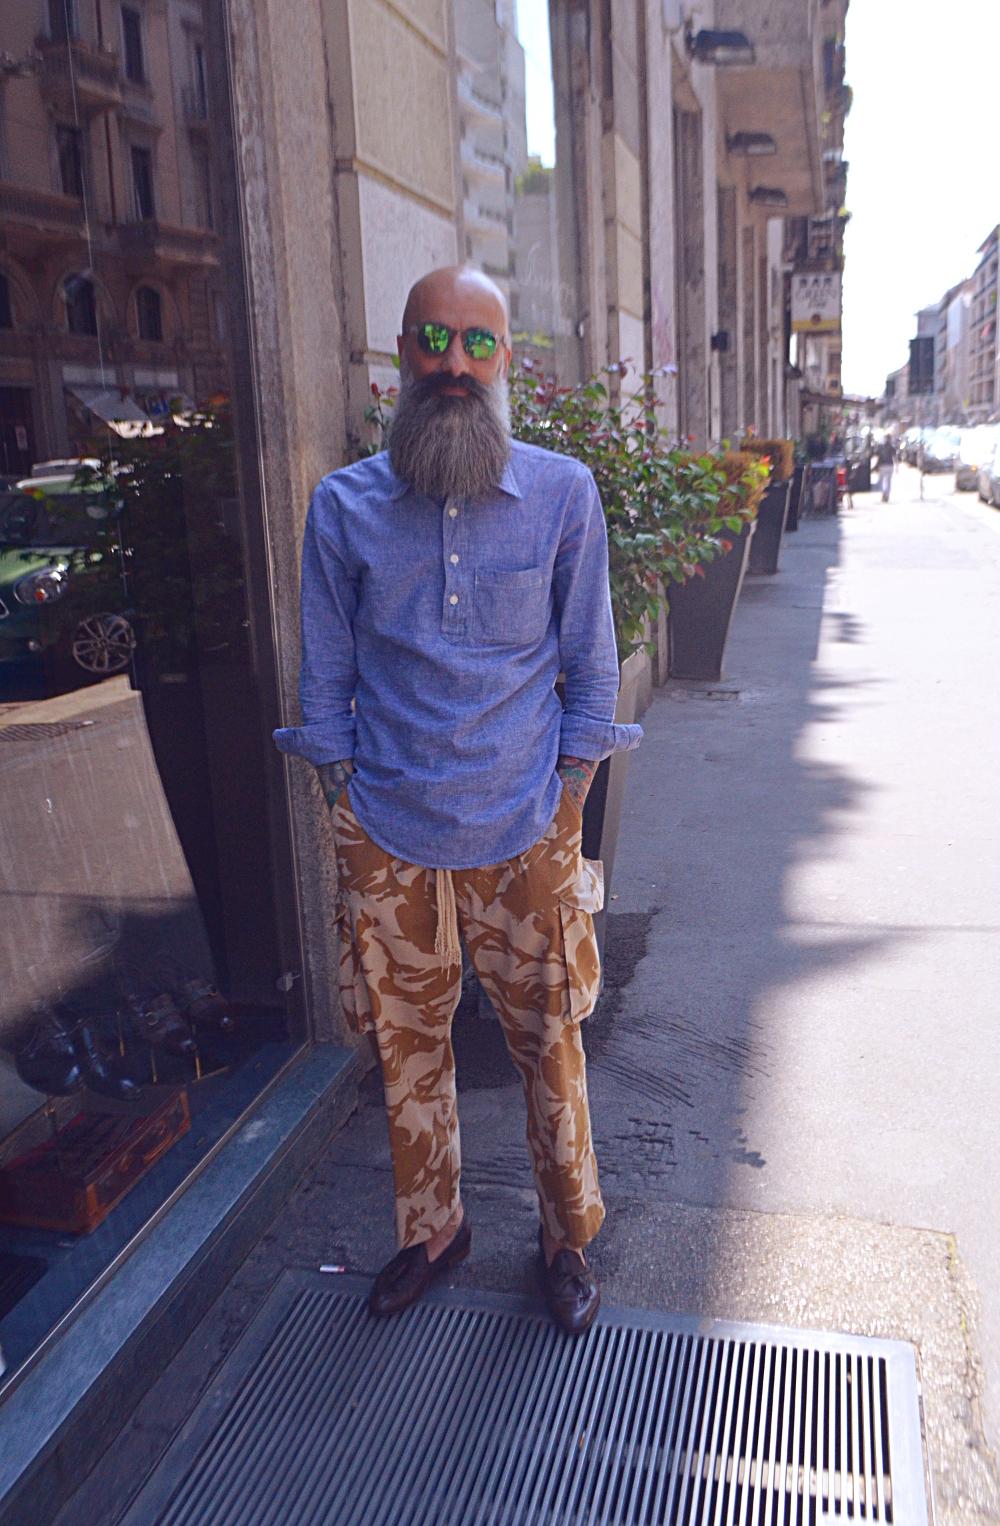 Milano moda uomo streetstyle valutazione delle personalia basatti nelle abbigliamento.